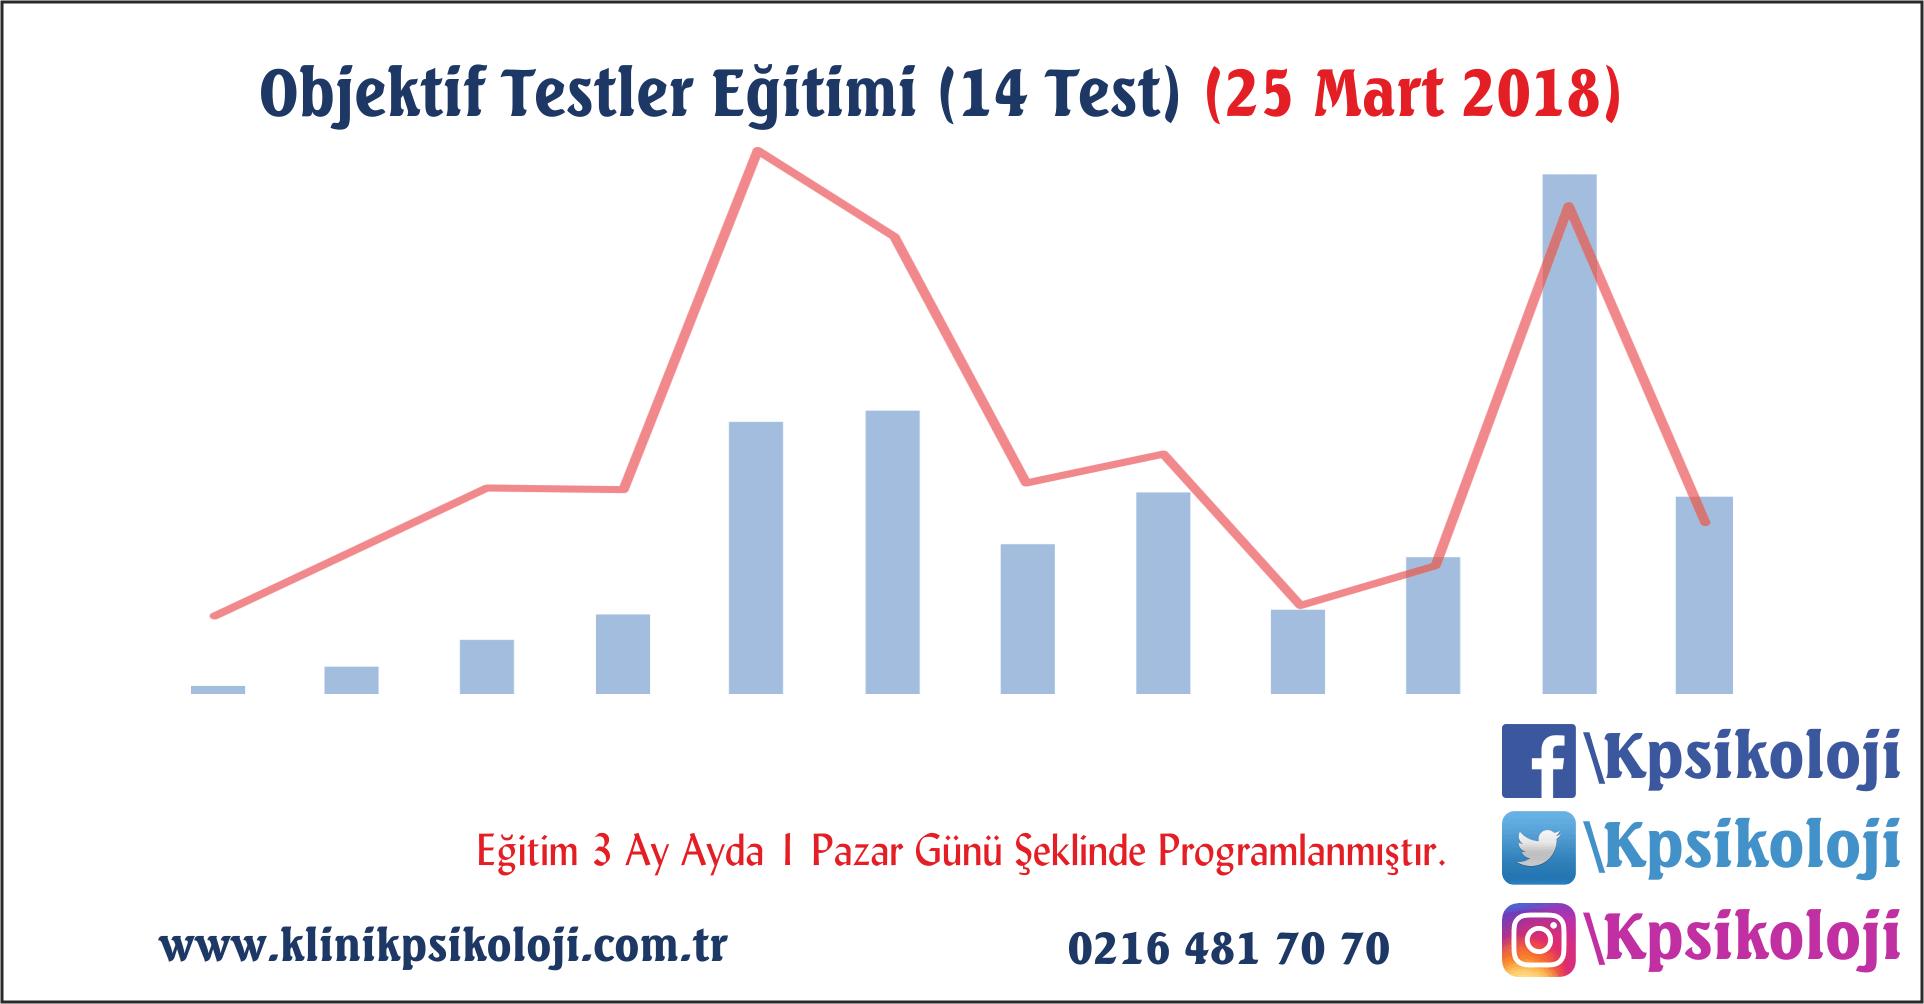 Objektif Testler Eğitimi (14 Test) (25 Mart 2018)